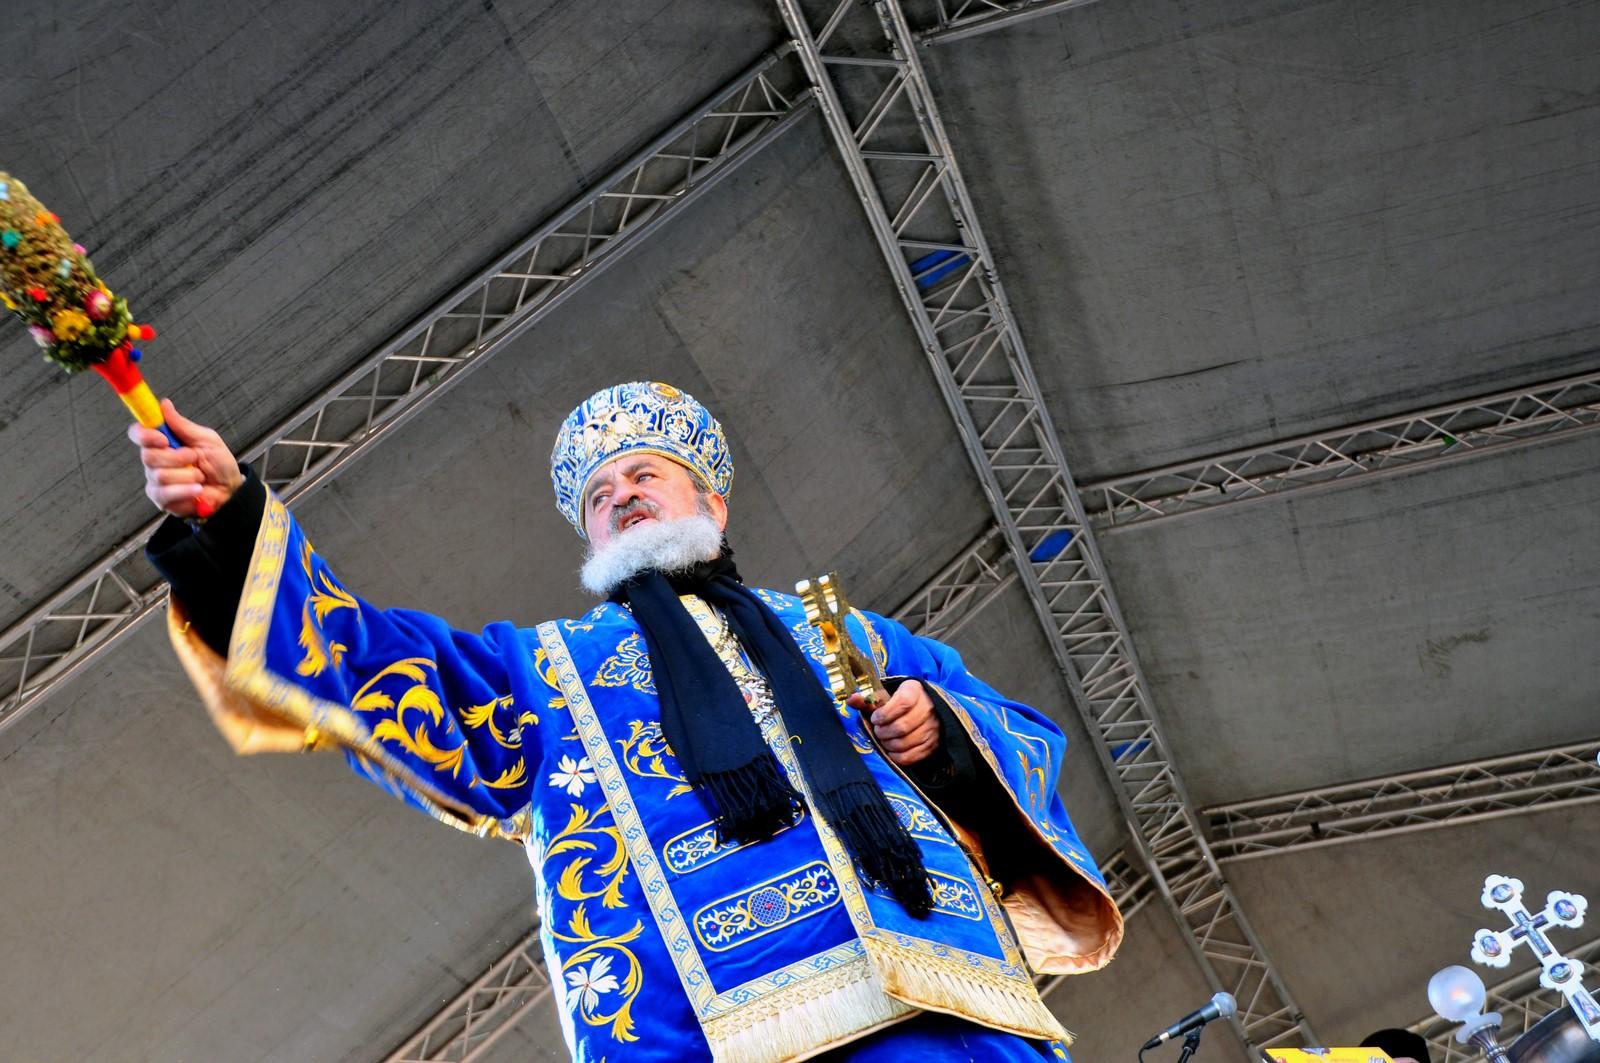 Boboteaza nu se mai ține în Piața Mare. Fiecare biserică va face, separat, sfințirea apei